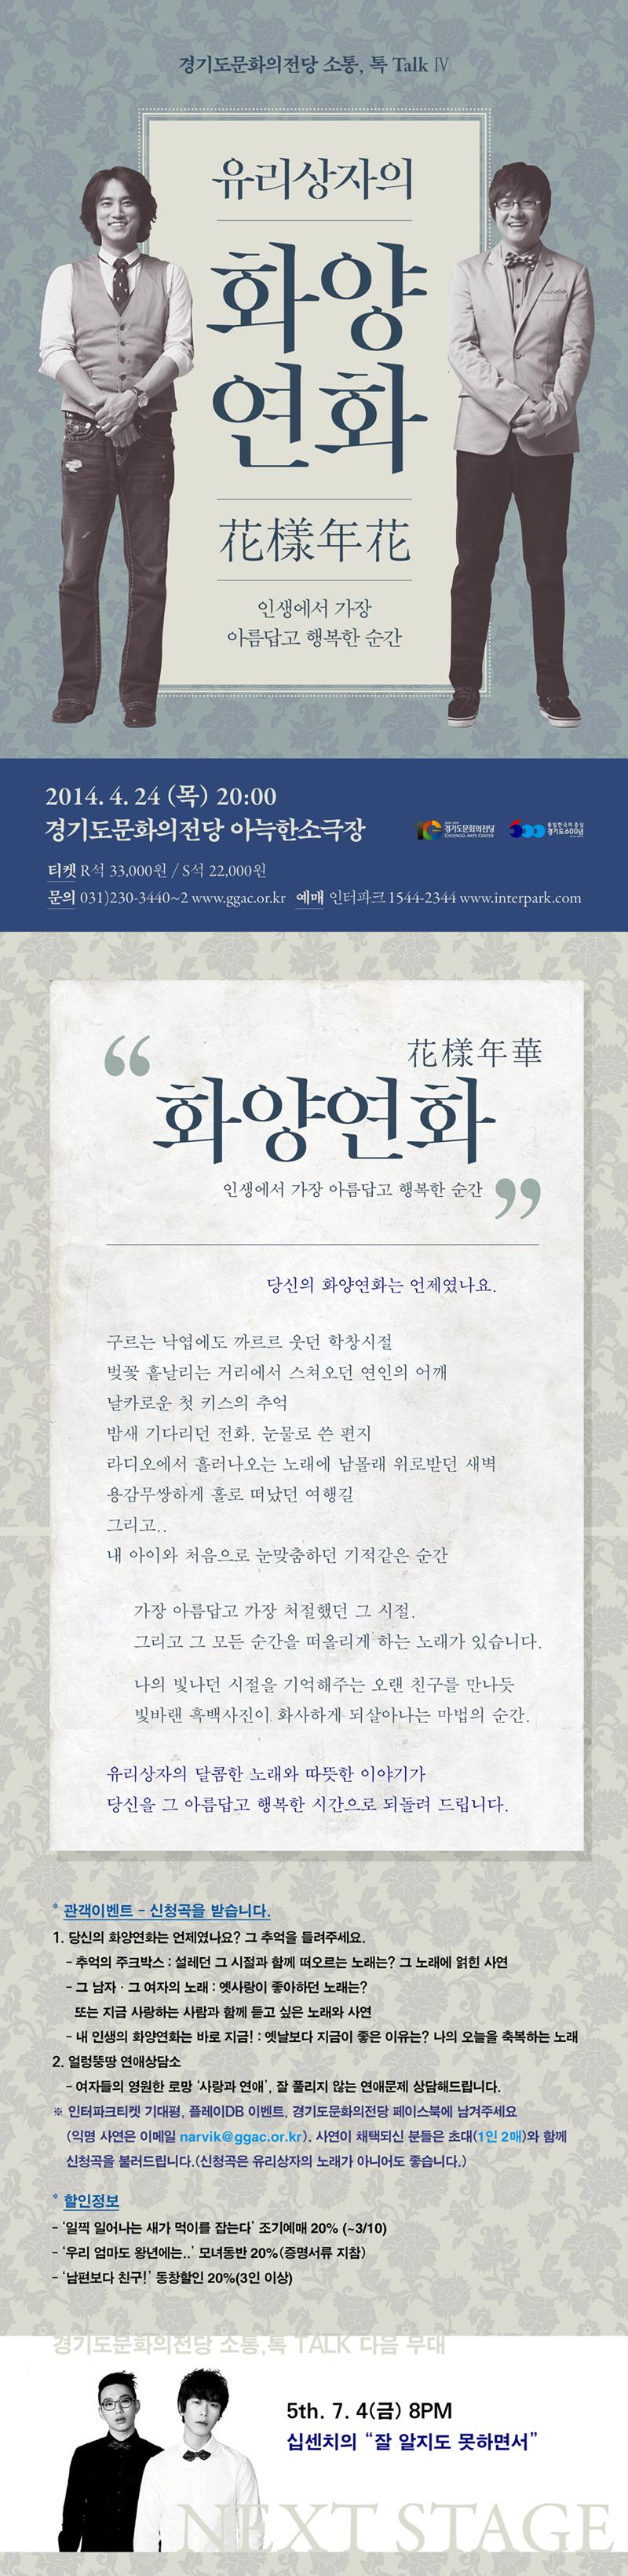 2014 경기도문화의전당 소통, 톡 TALK4 웹전단 ok.jpg